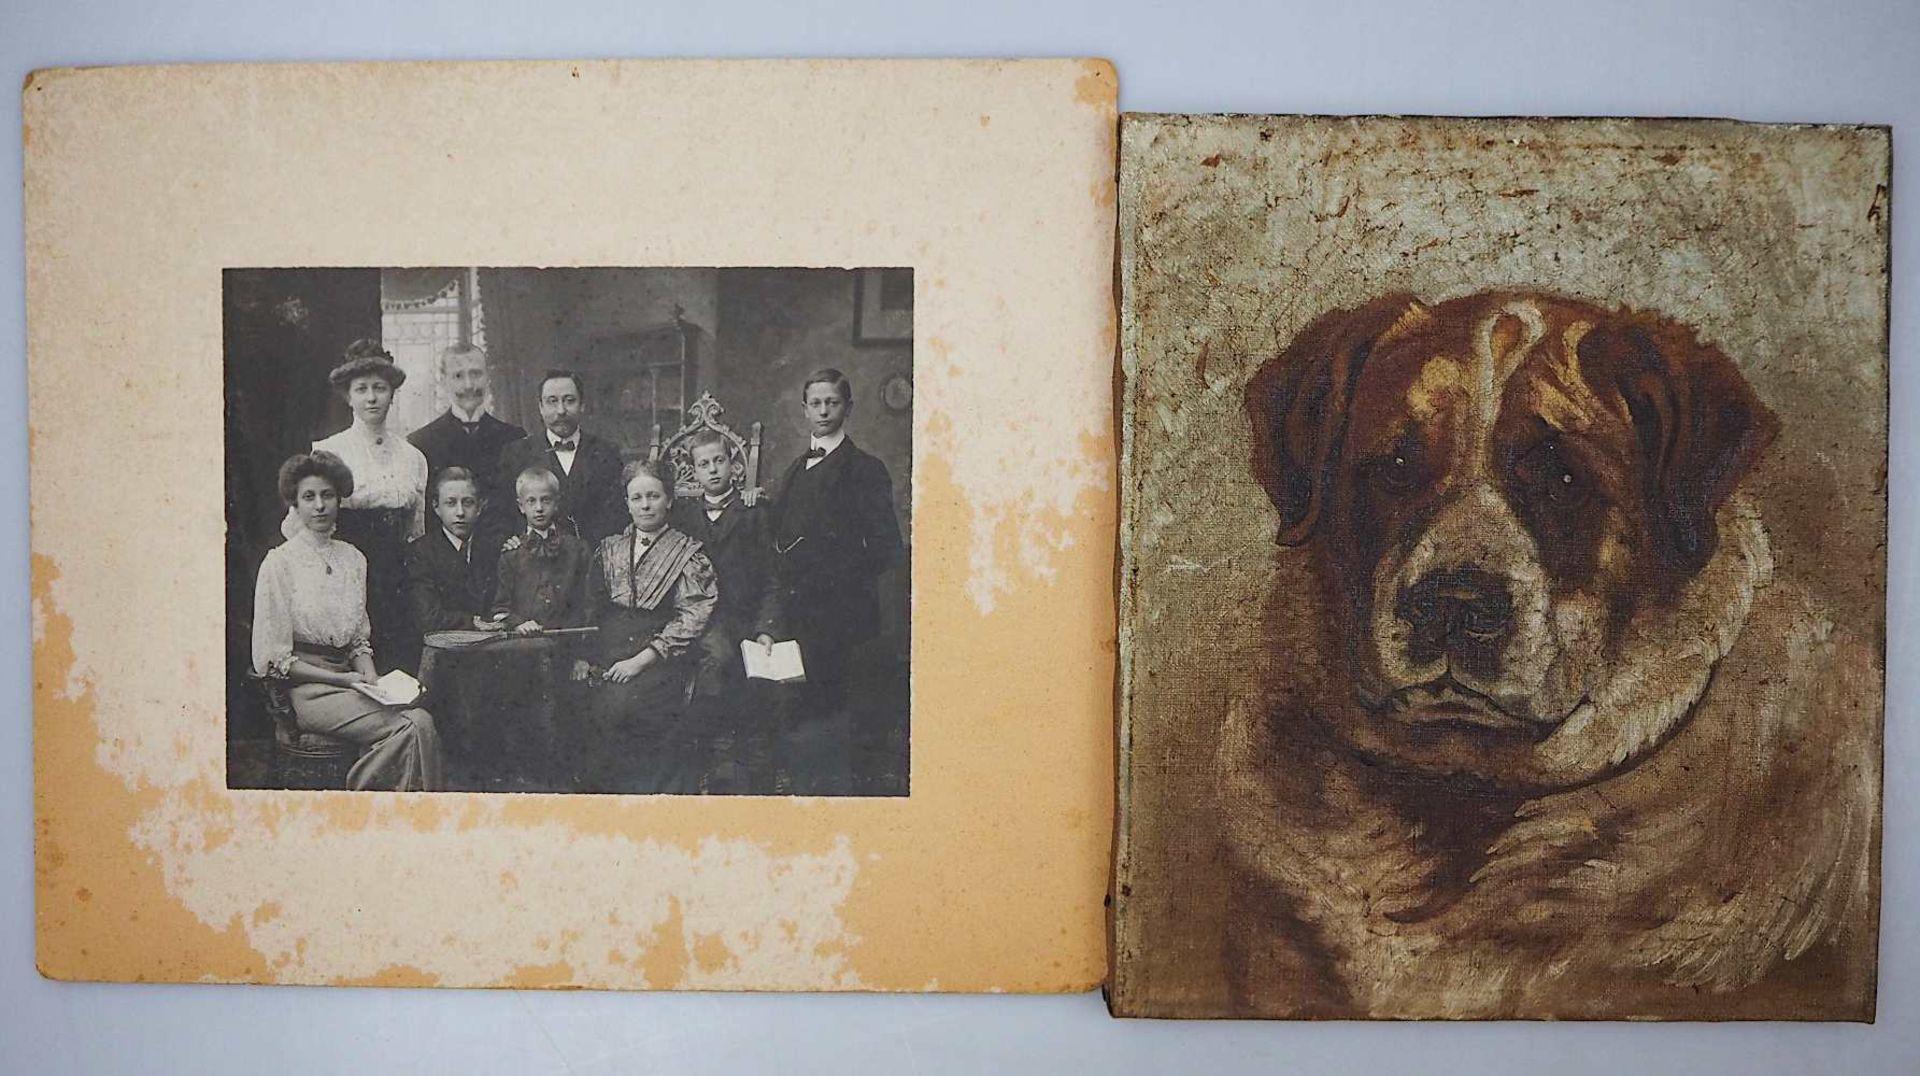 1 Konvolut Ölgemälde u.a.: Portraits von versch. Persönlichkeiten/versch. Künstler: <br - Bild 4 aus 4